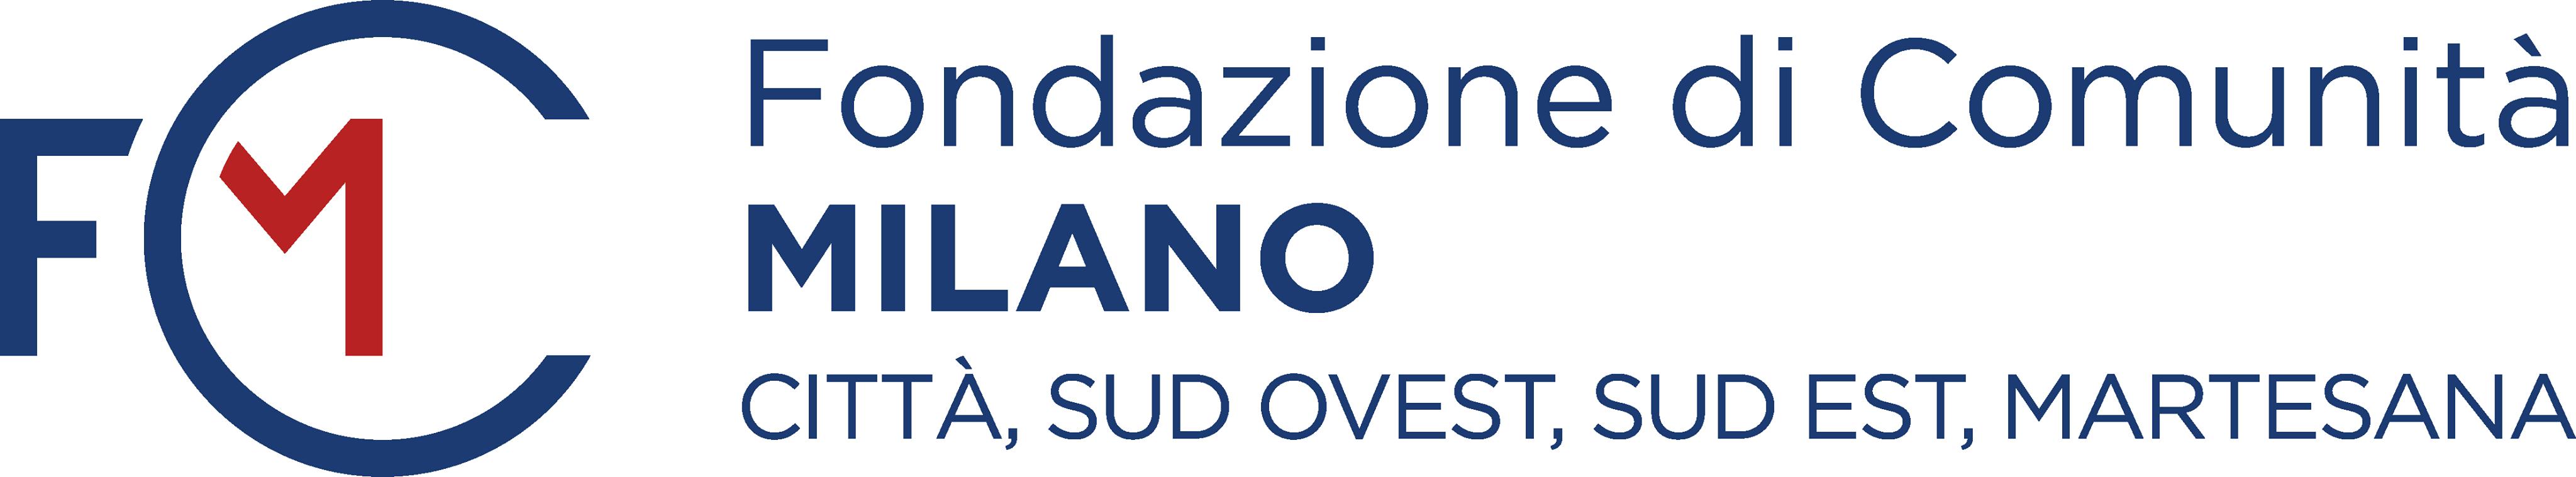 Fondazione di Comunità Milano